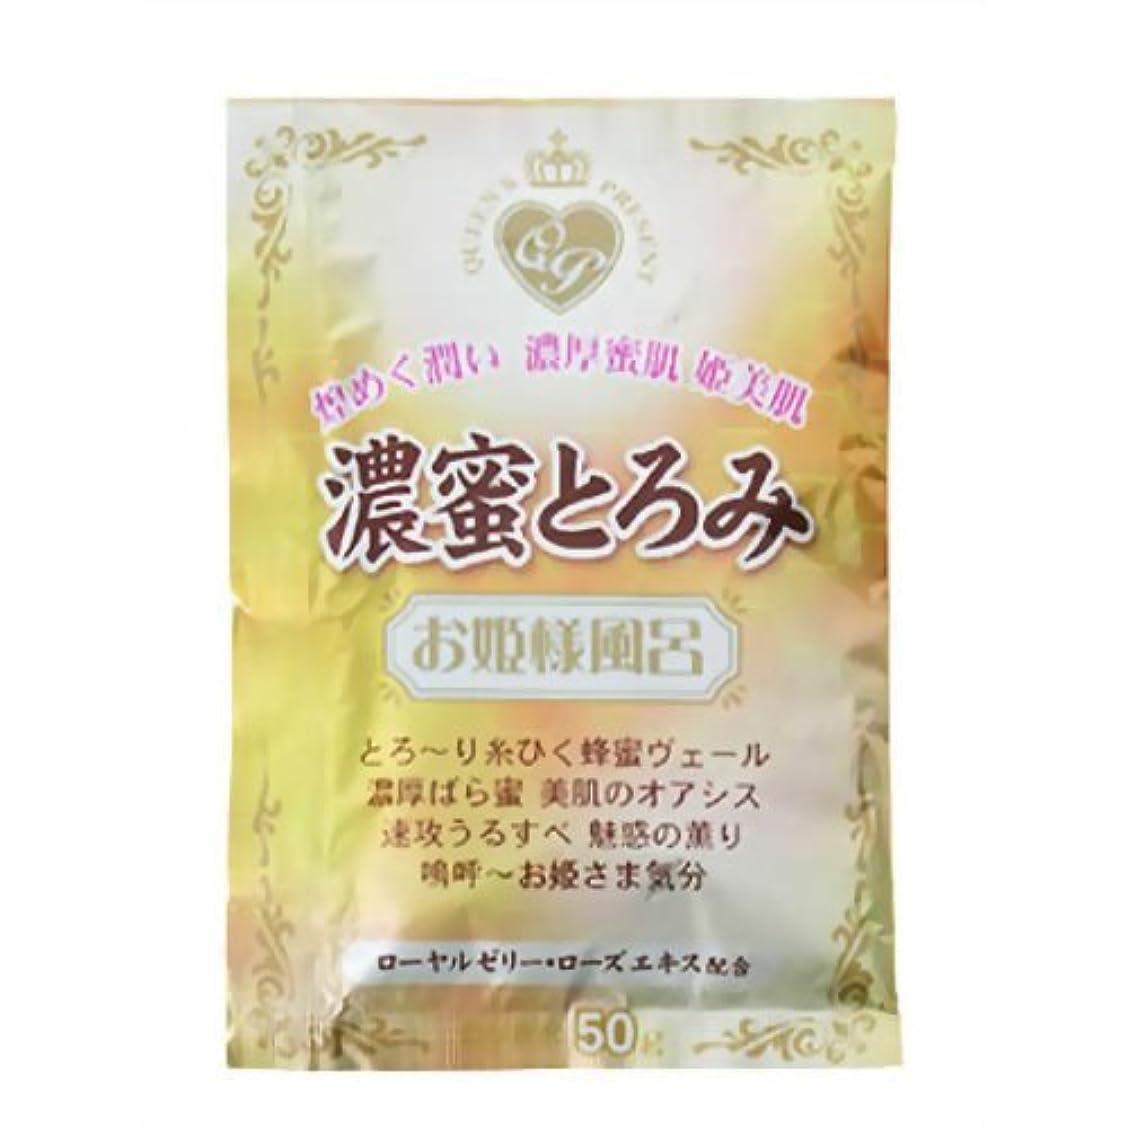 望ましいカフェ識字紀陽除虫菊 お姫様風呂  濃密とろみ【まとめ買い12個セット】 N-8173